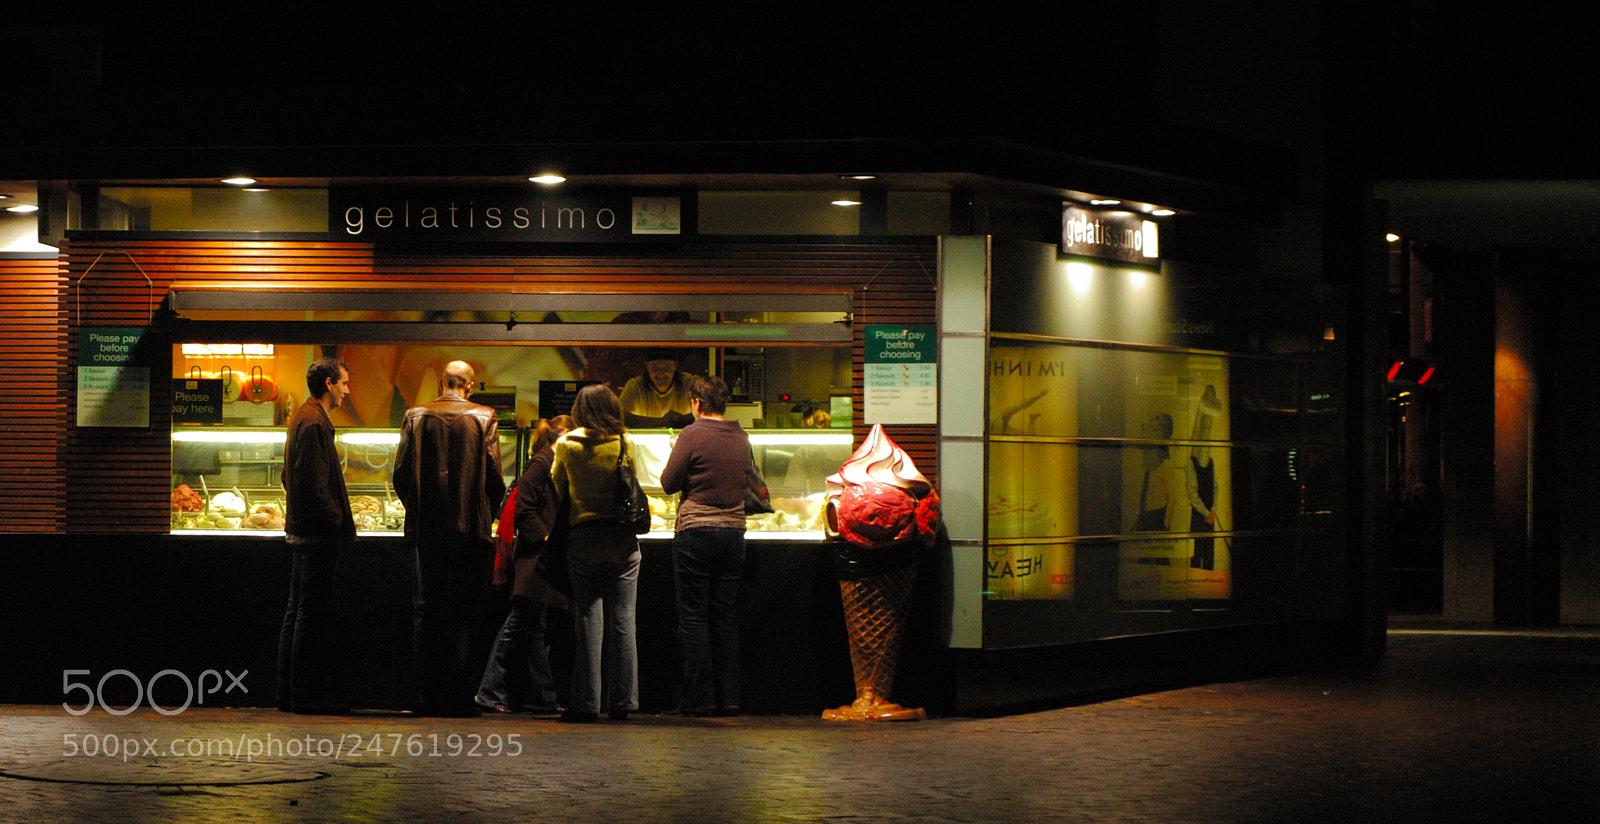 Ice cream shop, Nikon D70, AF Zoom-Nikkor 35-80mm f/4-5.6D N